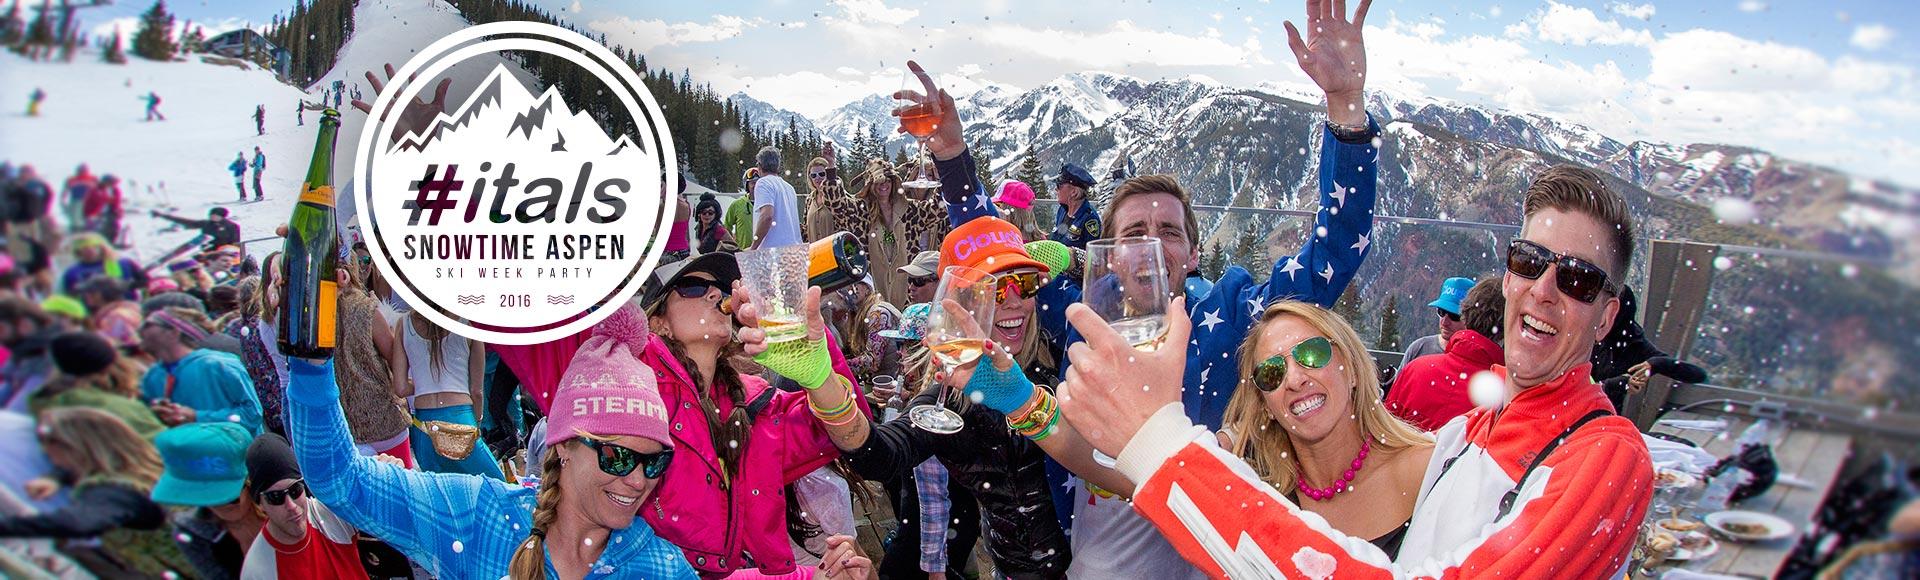 itals-snowtime-aspen-ski-week